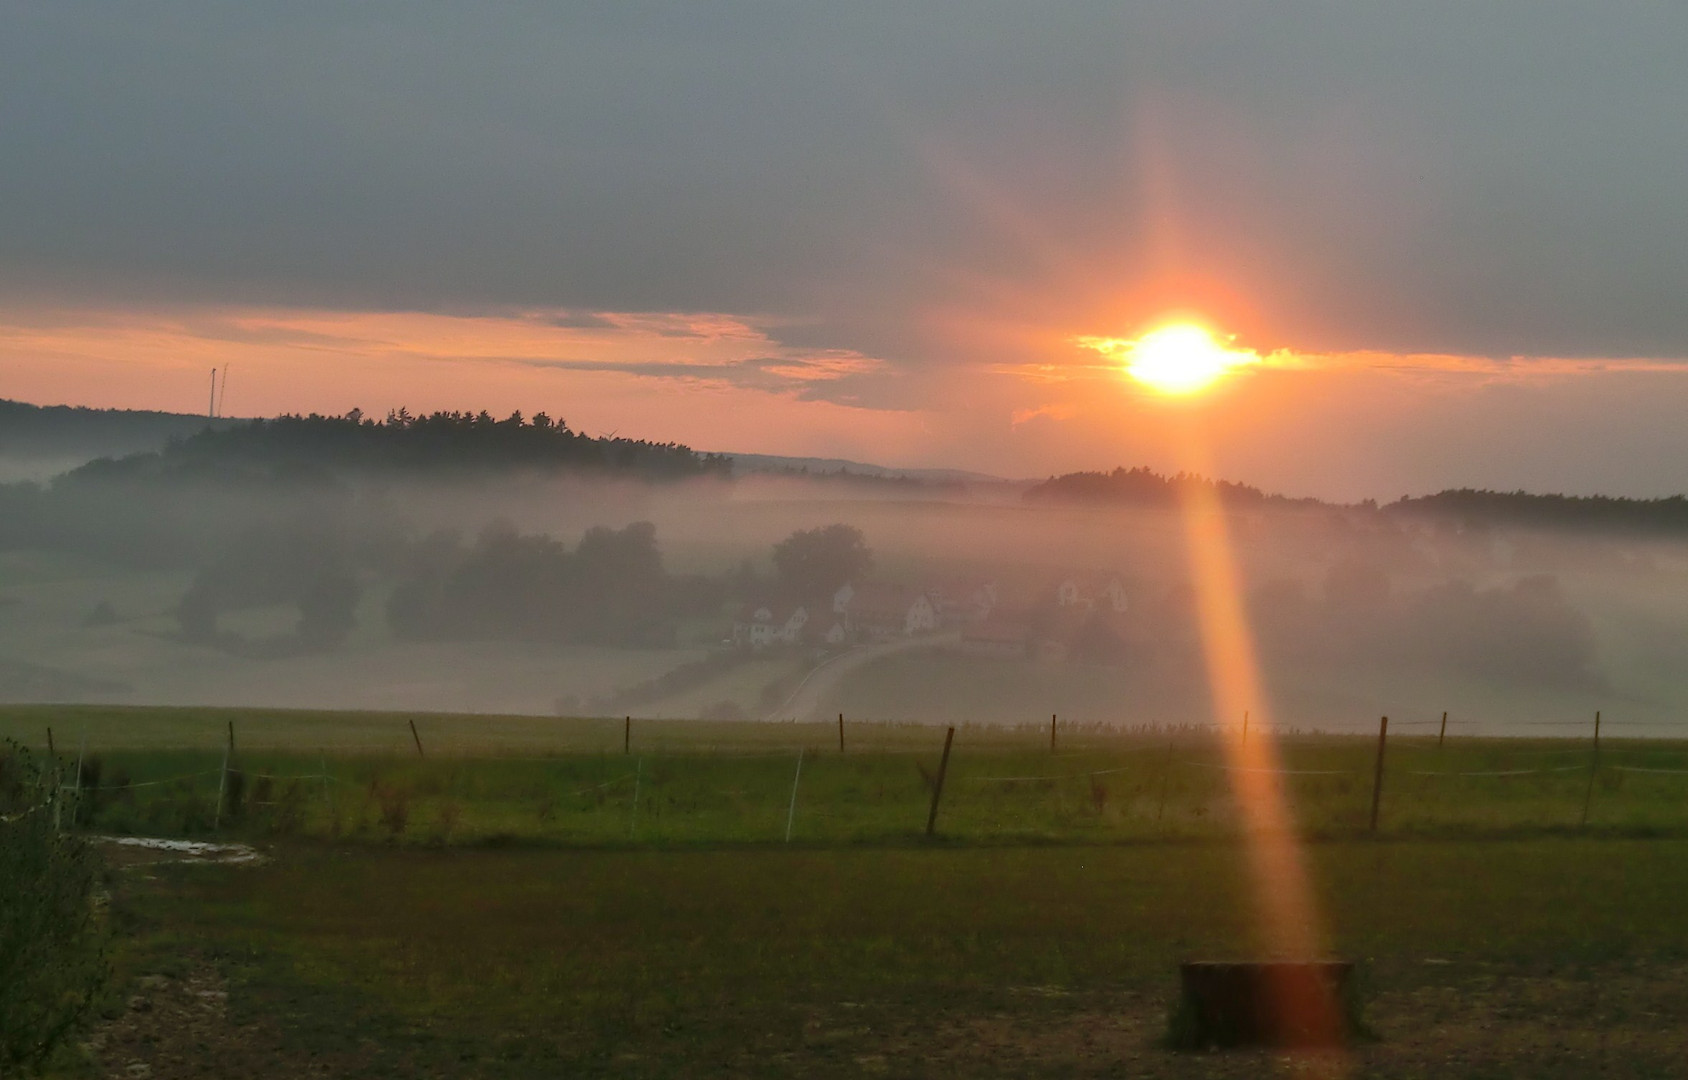 ...und aus den Wiesen steiget der weiße Nebel wunderbar...